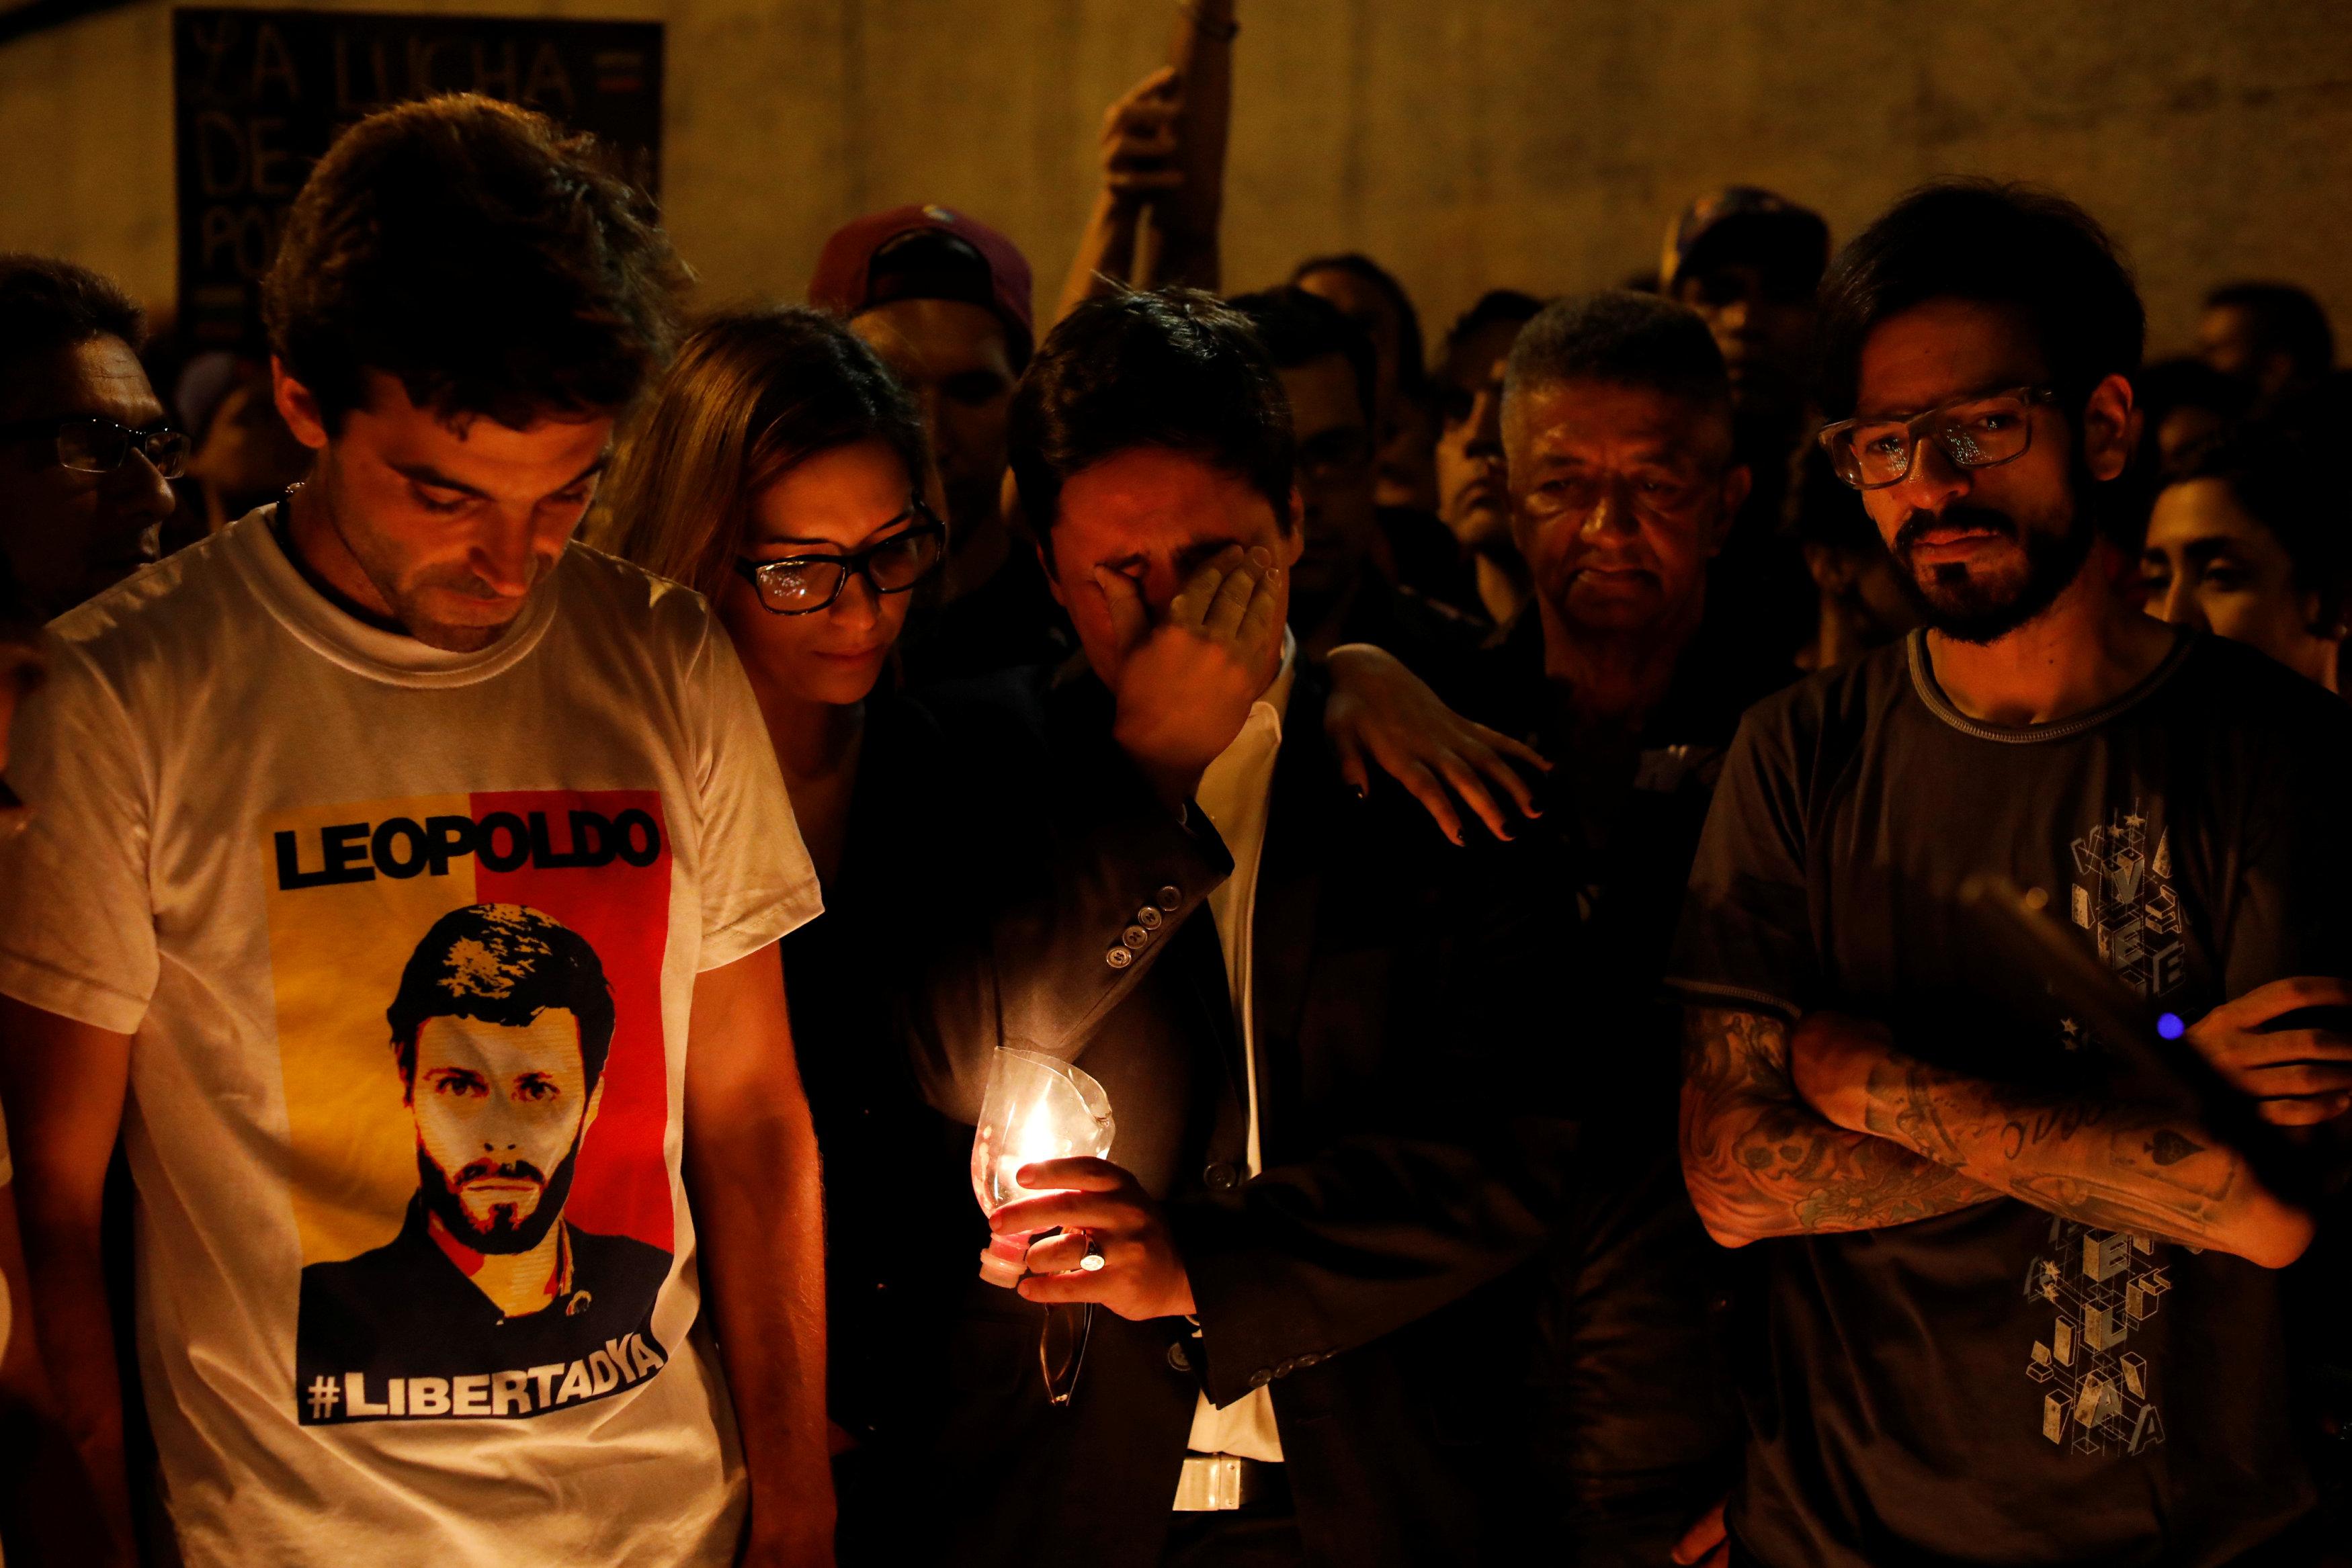 El líder opositor Freddy Guevara llora durante la marcha en honor al joven asesinado. (Reuters)